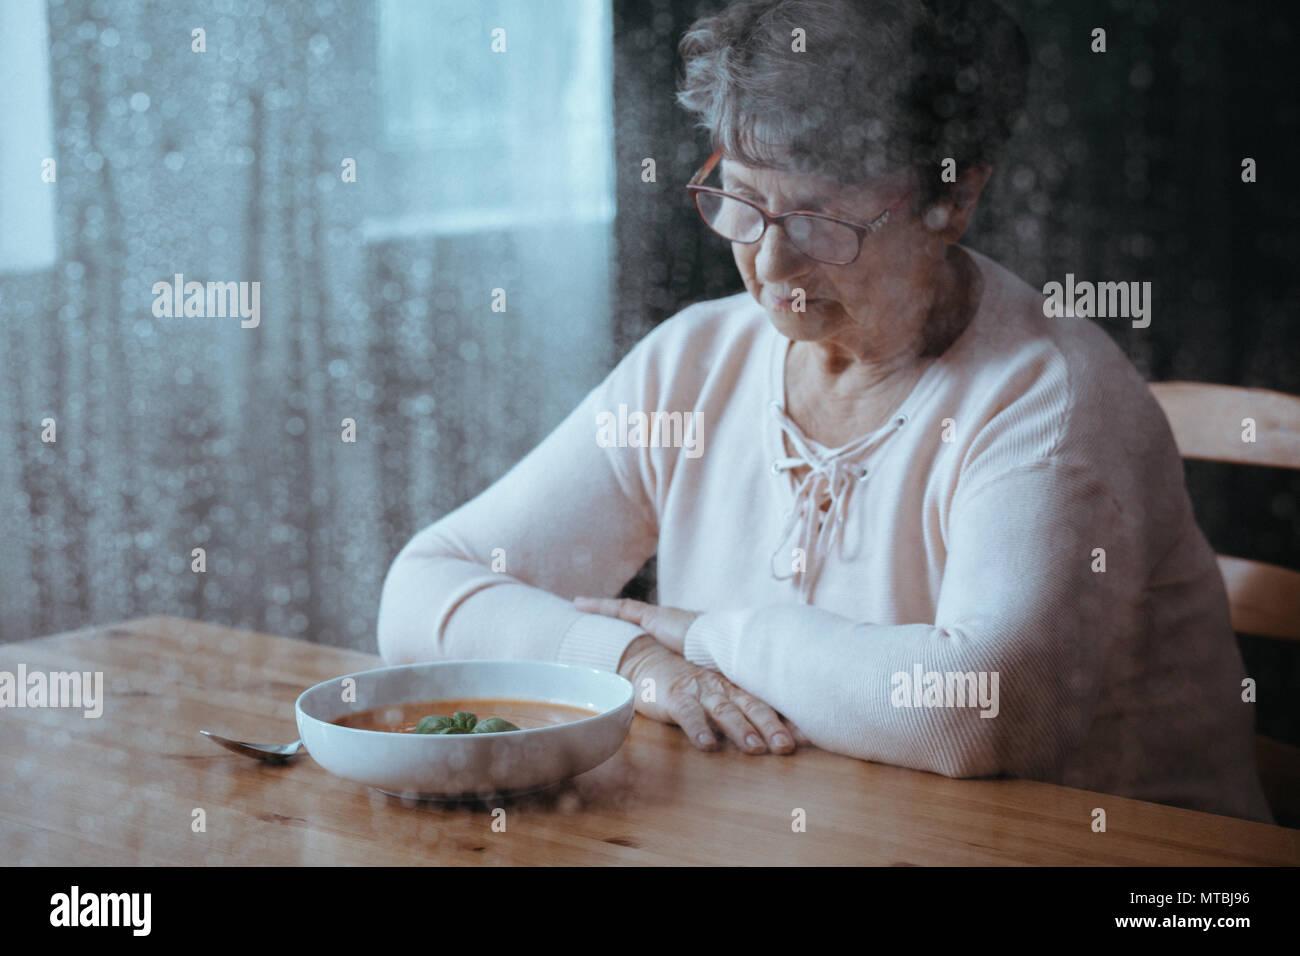 Triste, senior donna avente la mancanza di appetito Immagini Stock